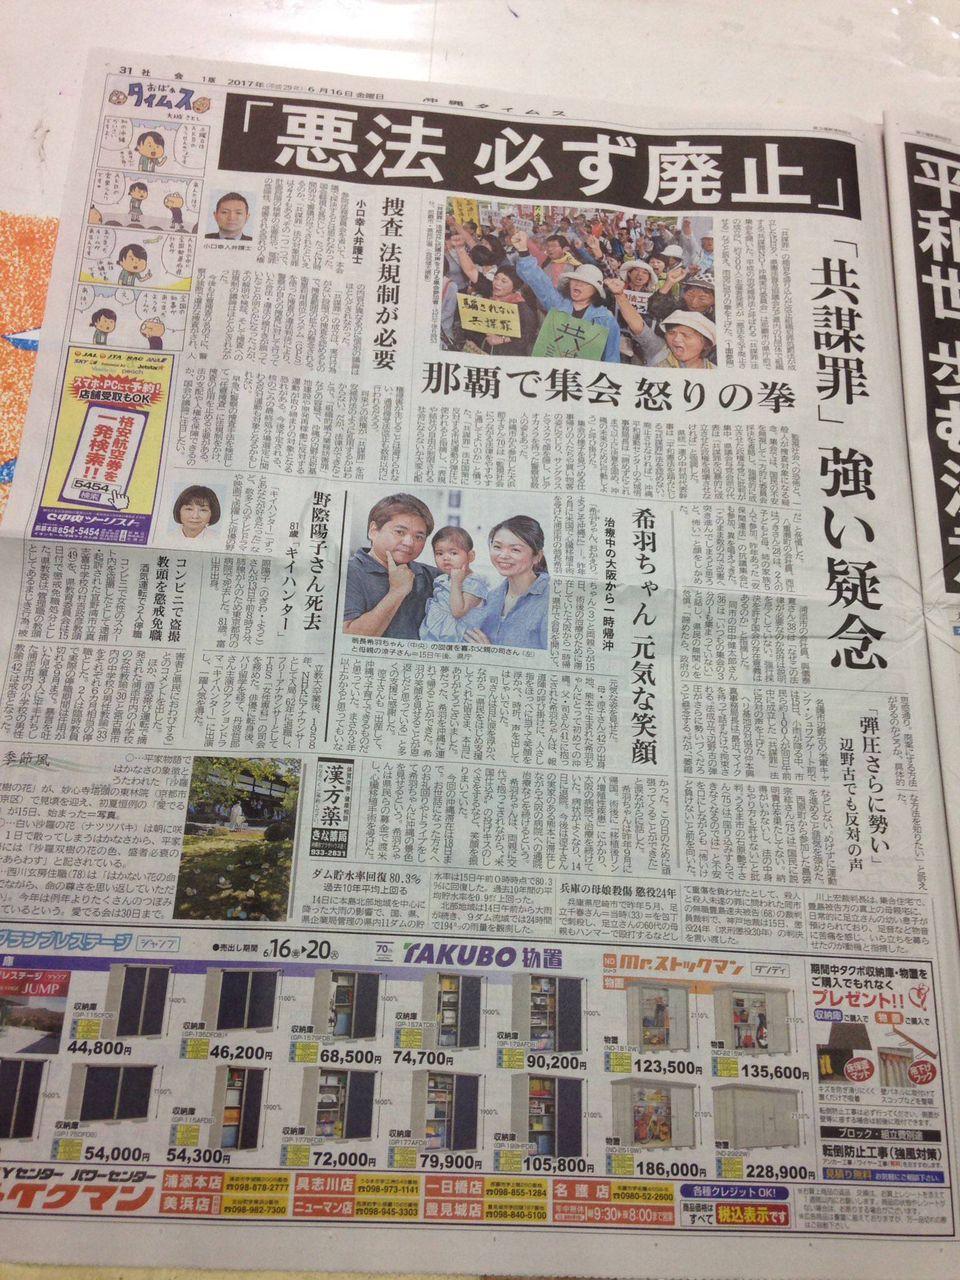 沖縄タイムスが発狂 「悪法」という表現の仕方は明らかにメディアとして狂っているのではないか。[H29/6/17]